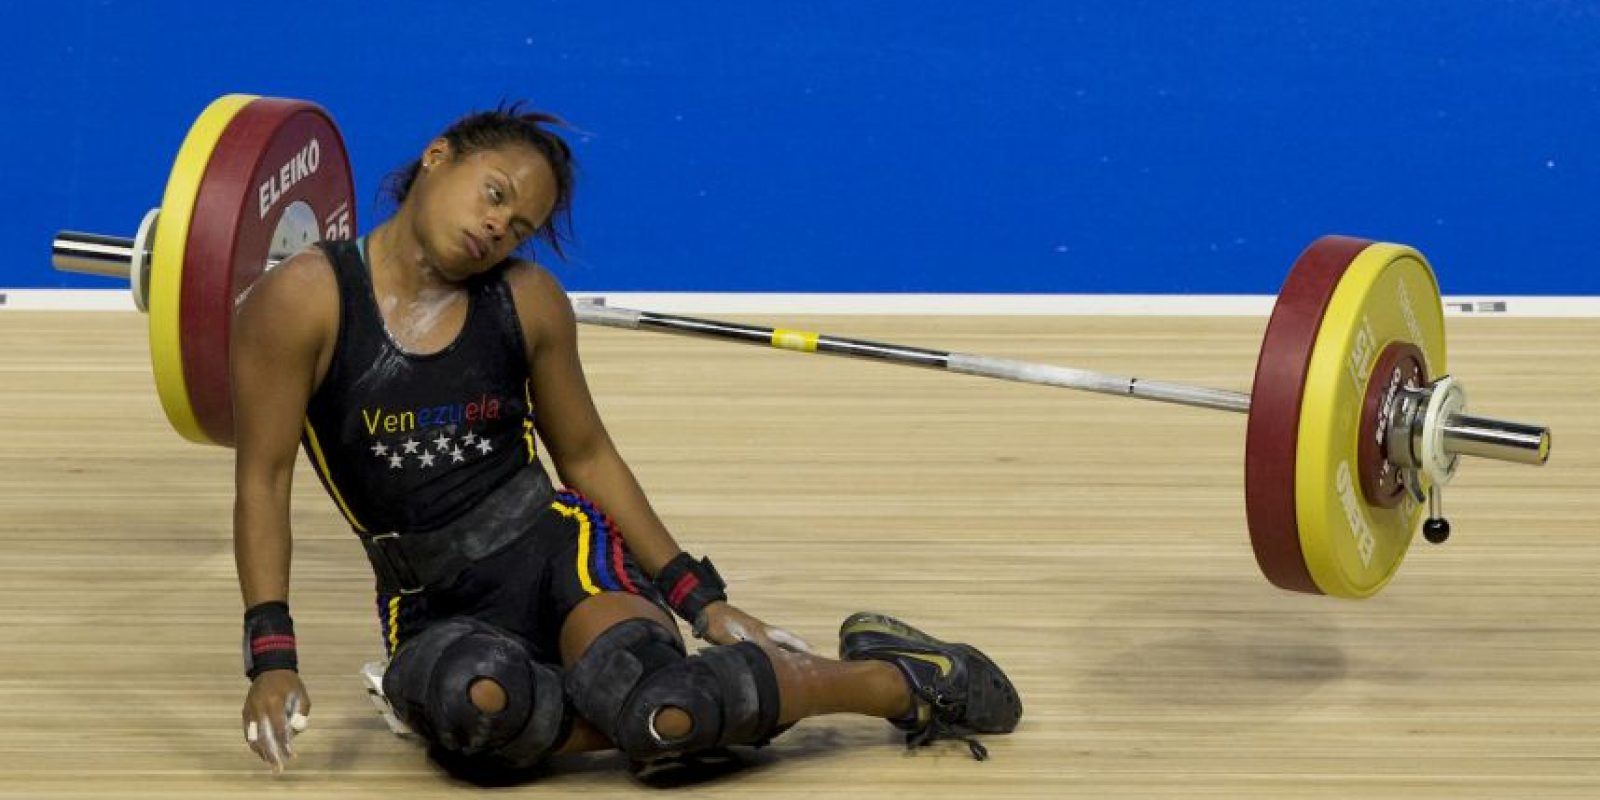 Aunque la venezolana se desvaneció después de sumar 201 kilogramos, 92 de arranque y 109 de envión Foto:AP